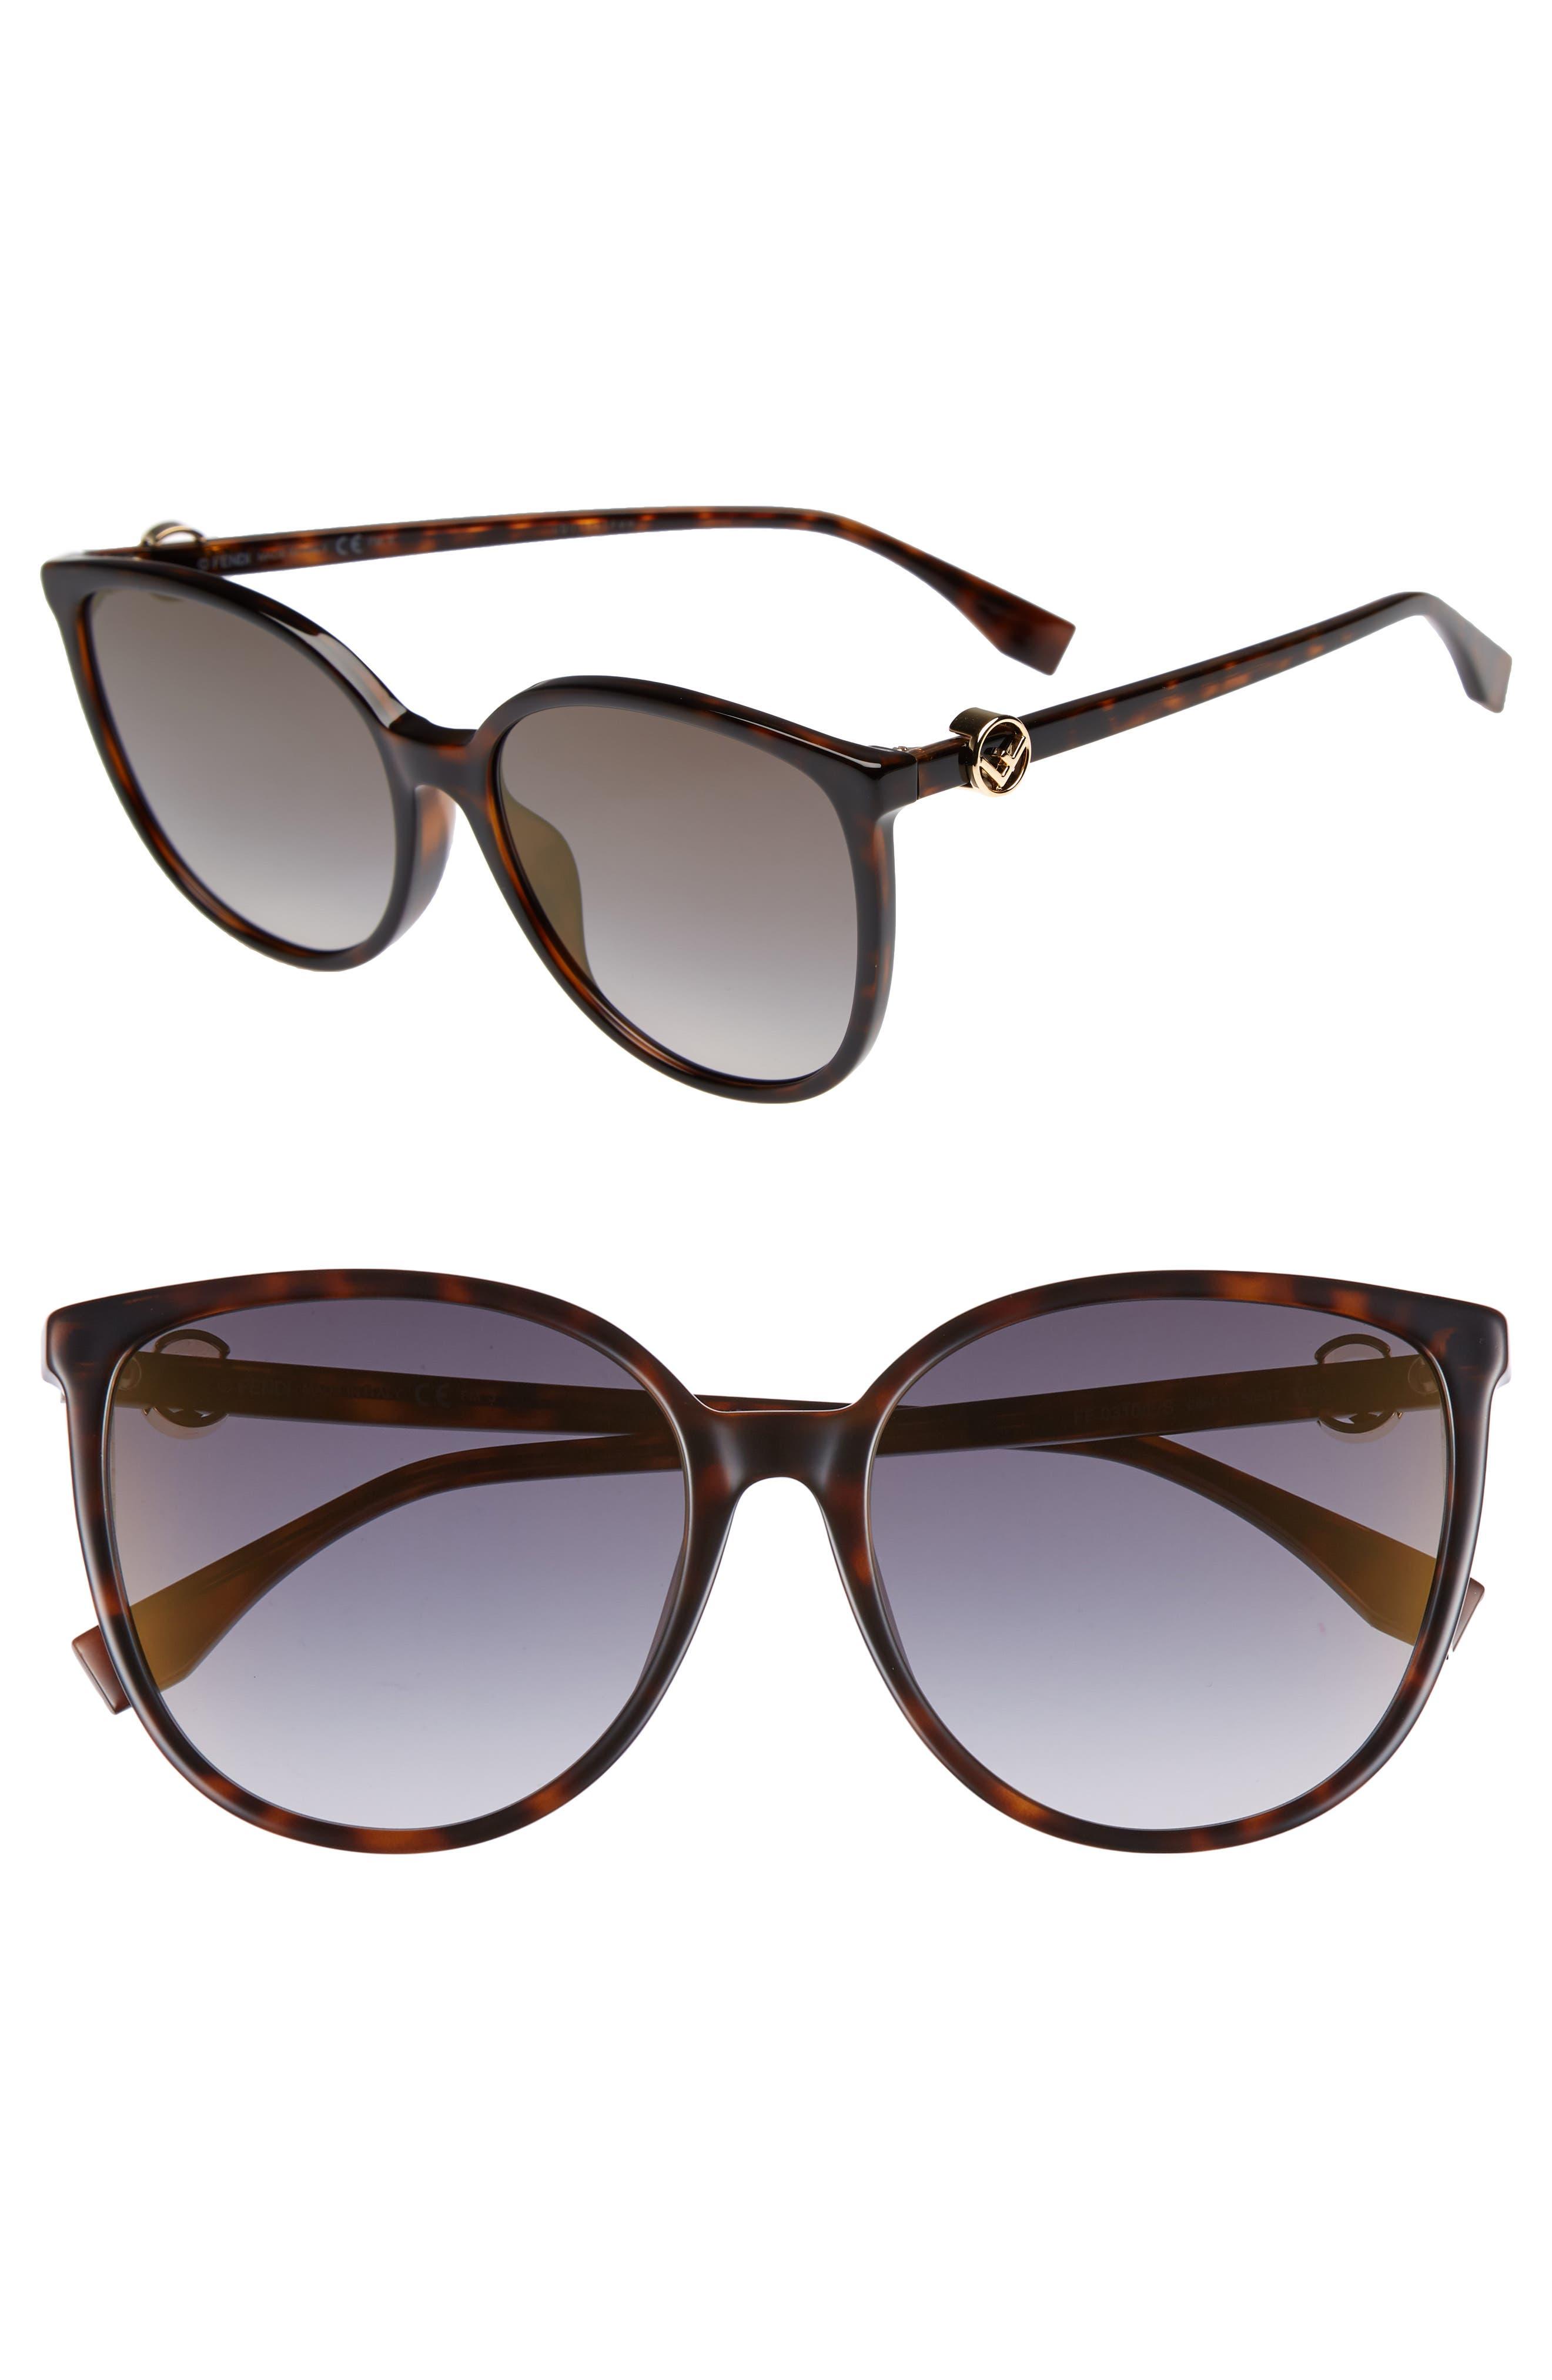 Main Image - Fendi 58mm Retro Special Fit Sunglasses